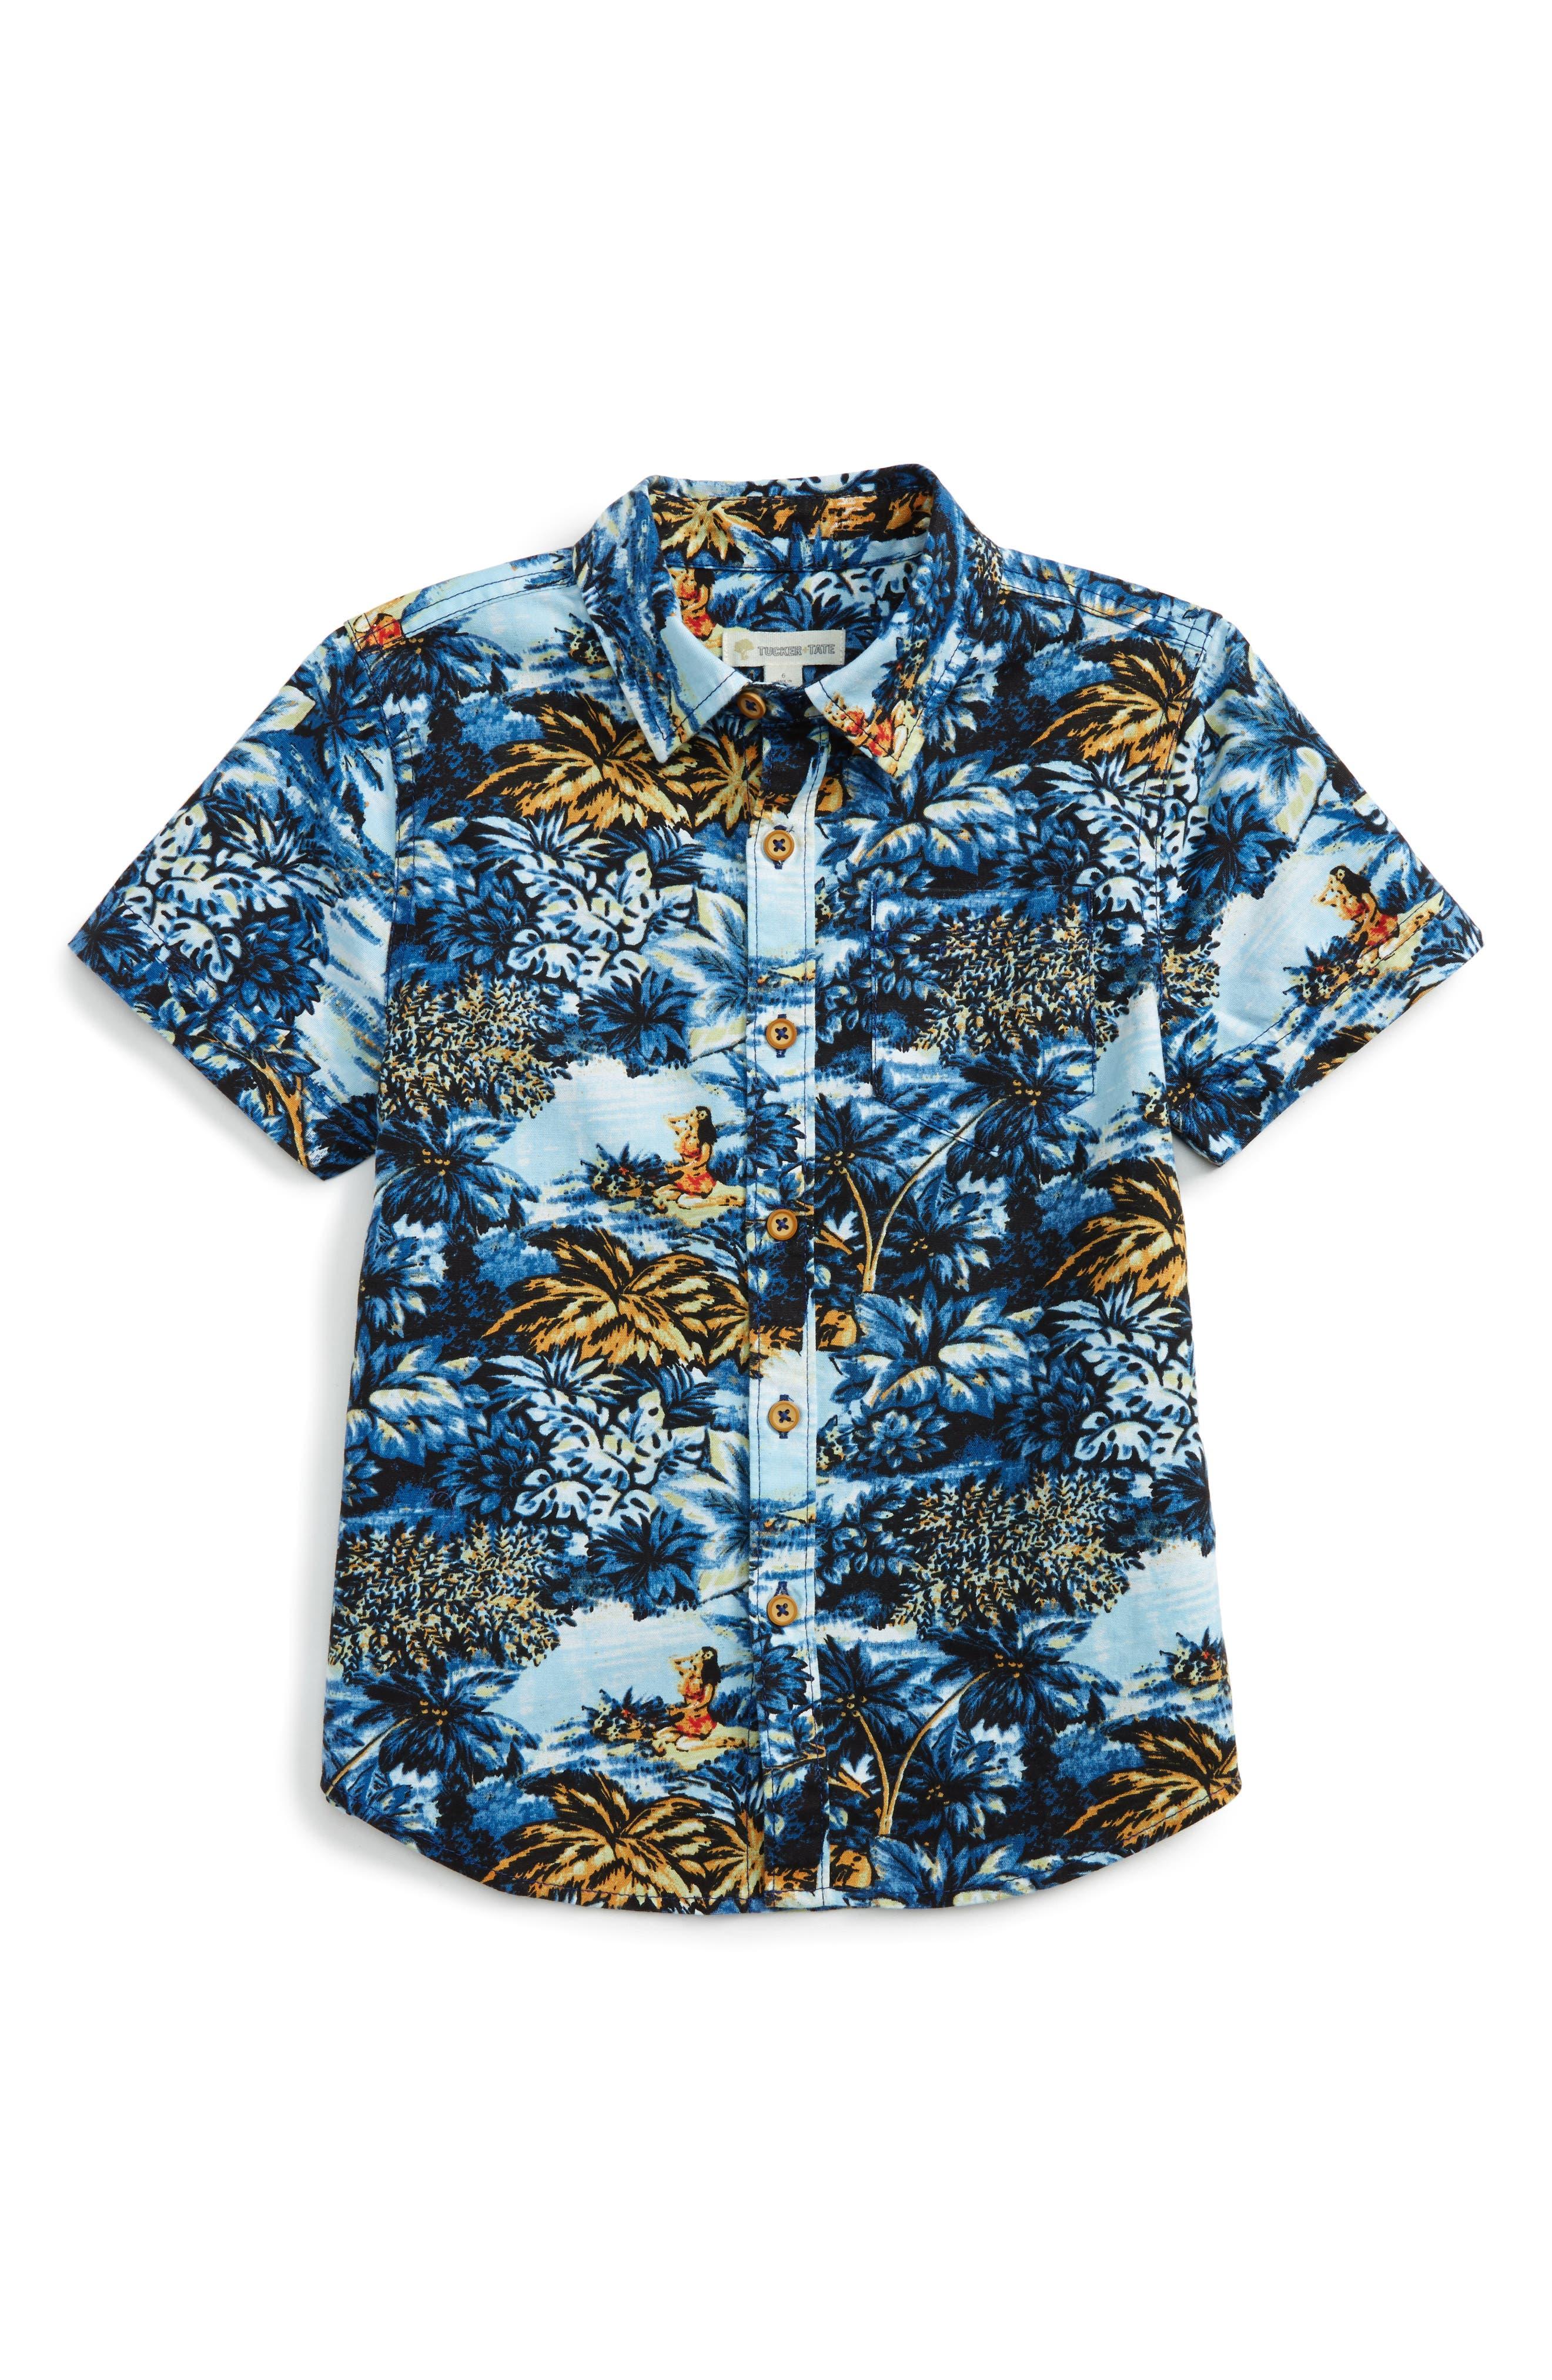 Alternate Image 1 Selected - Tucker + Tate Print Woven Shirt (Toddler Boys & Little Boys)